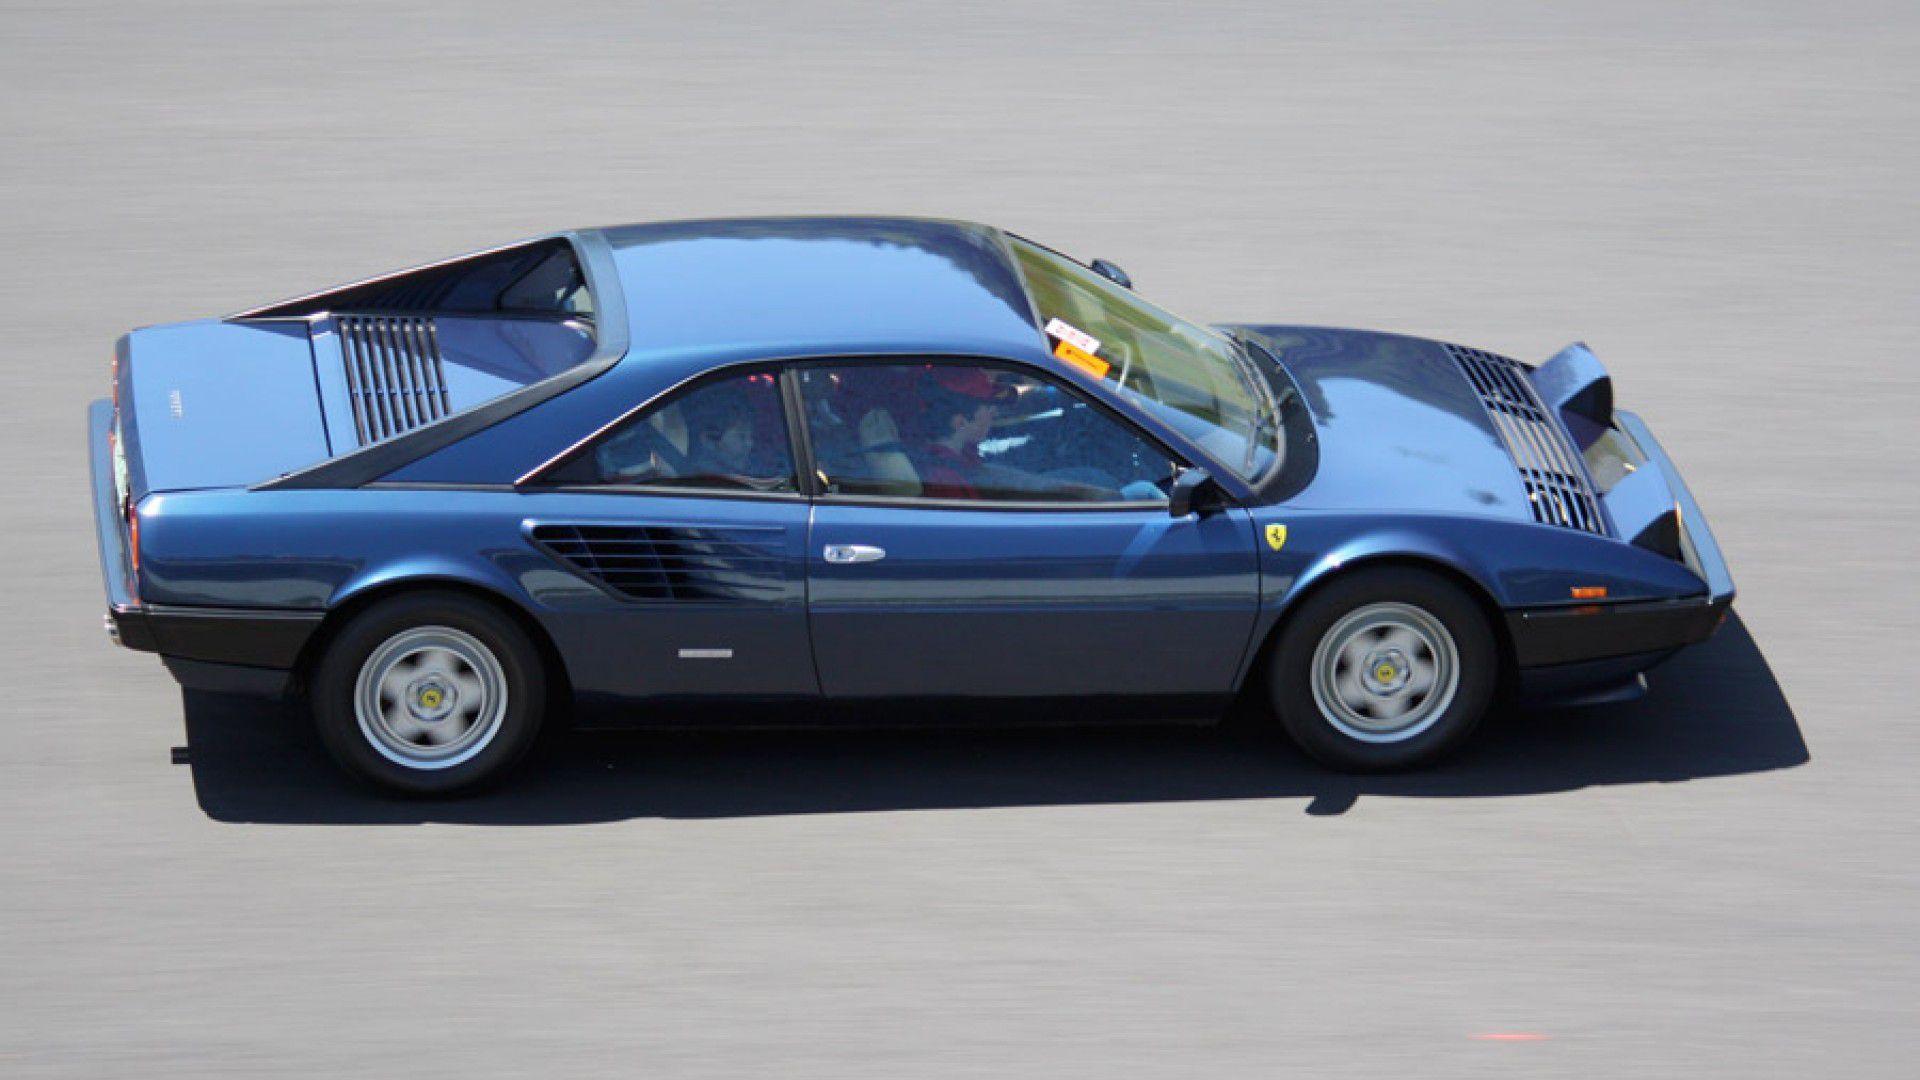 Ferrari Mondial QV (Quattrovalvole) Coupe